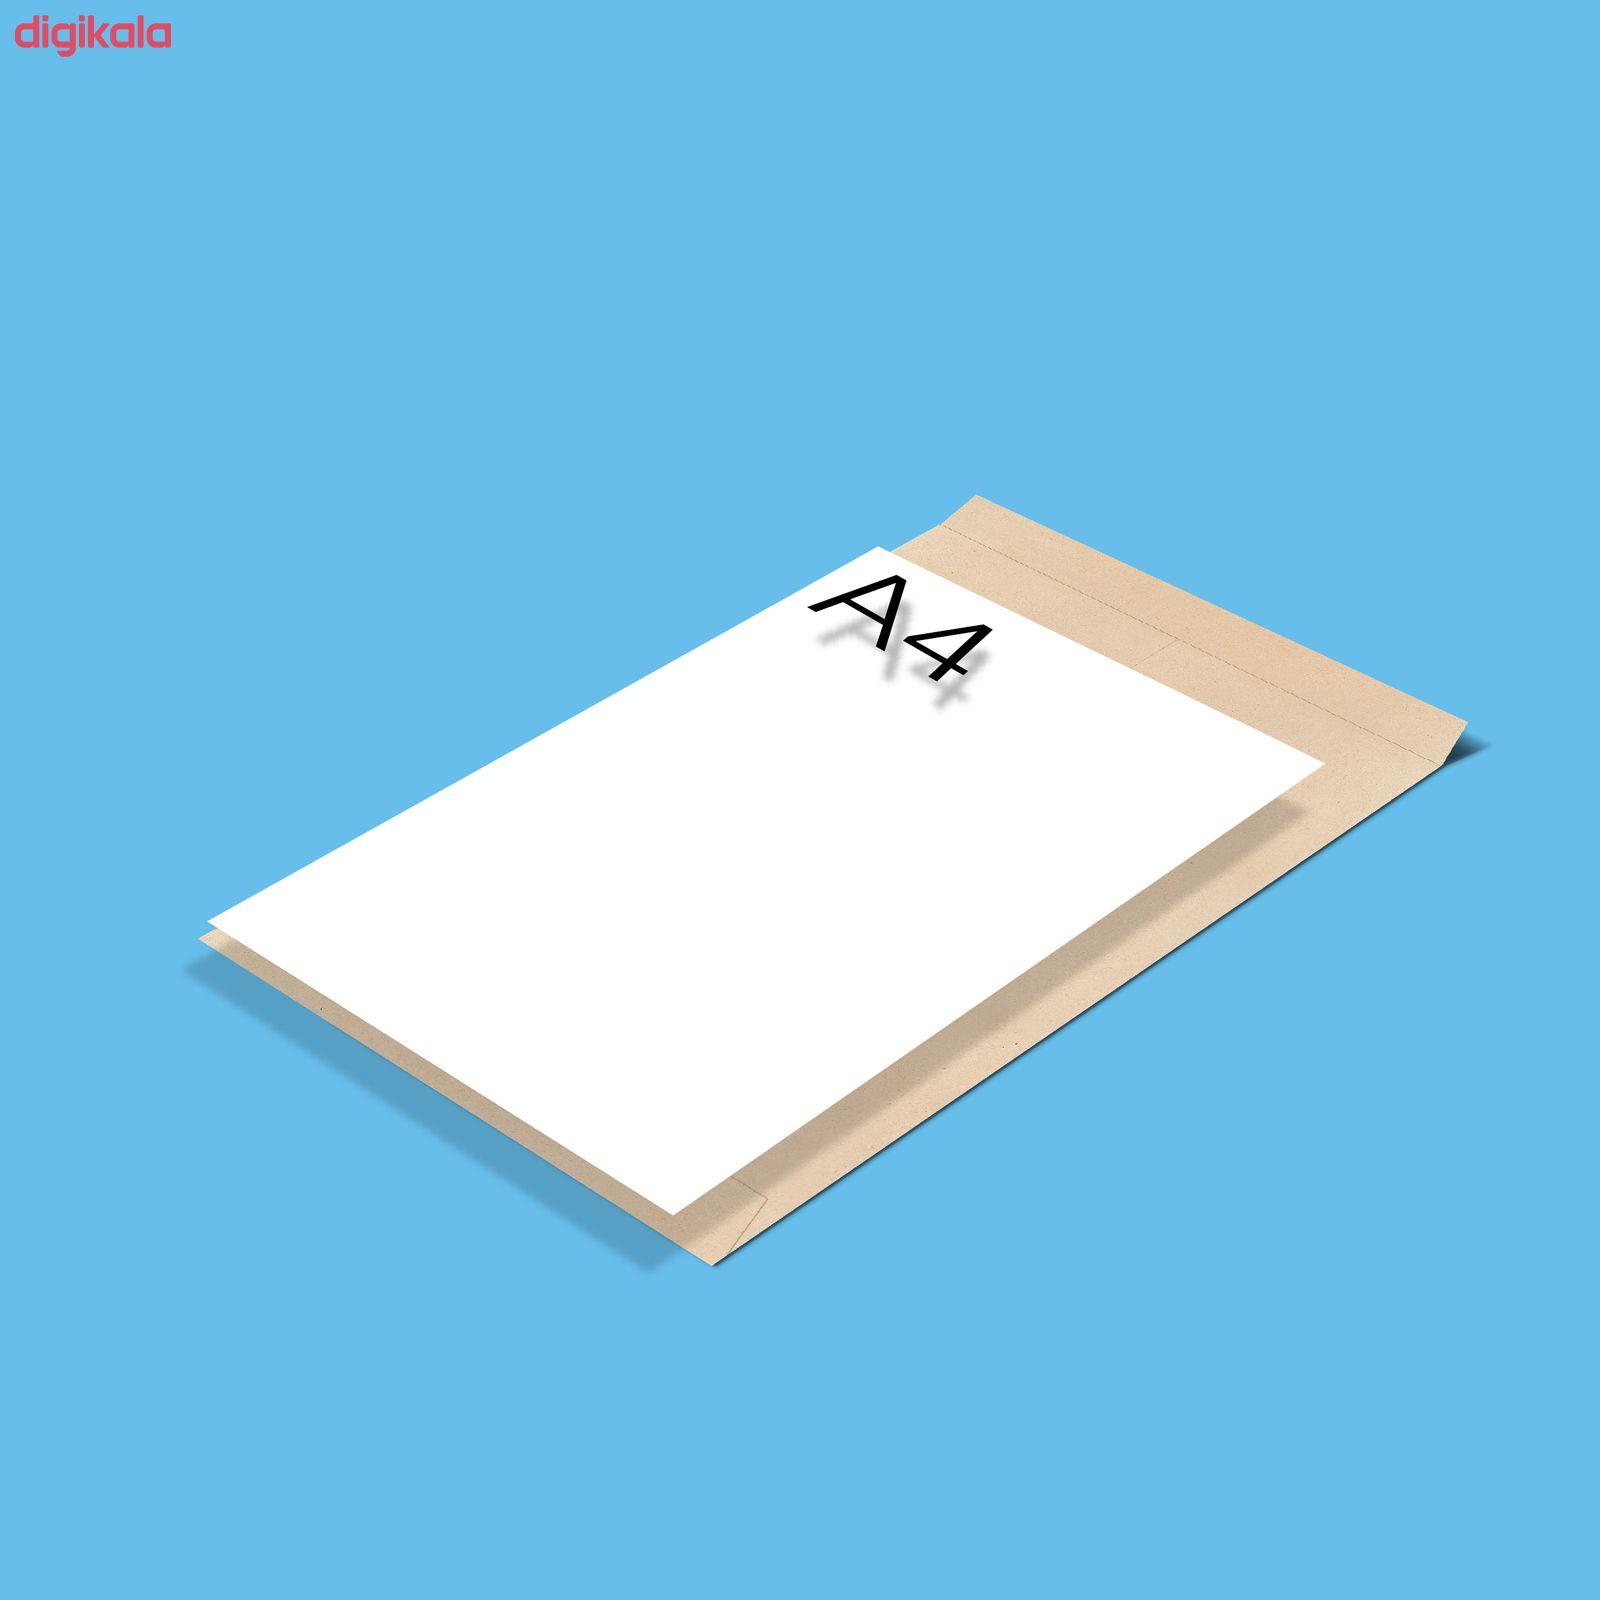 پاکت مقوایی مستر راد کد 1359 سایز A4 بسته 20 عددی main 1 4